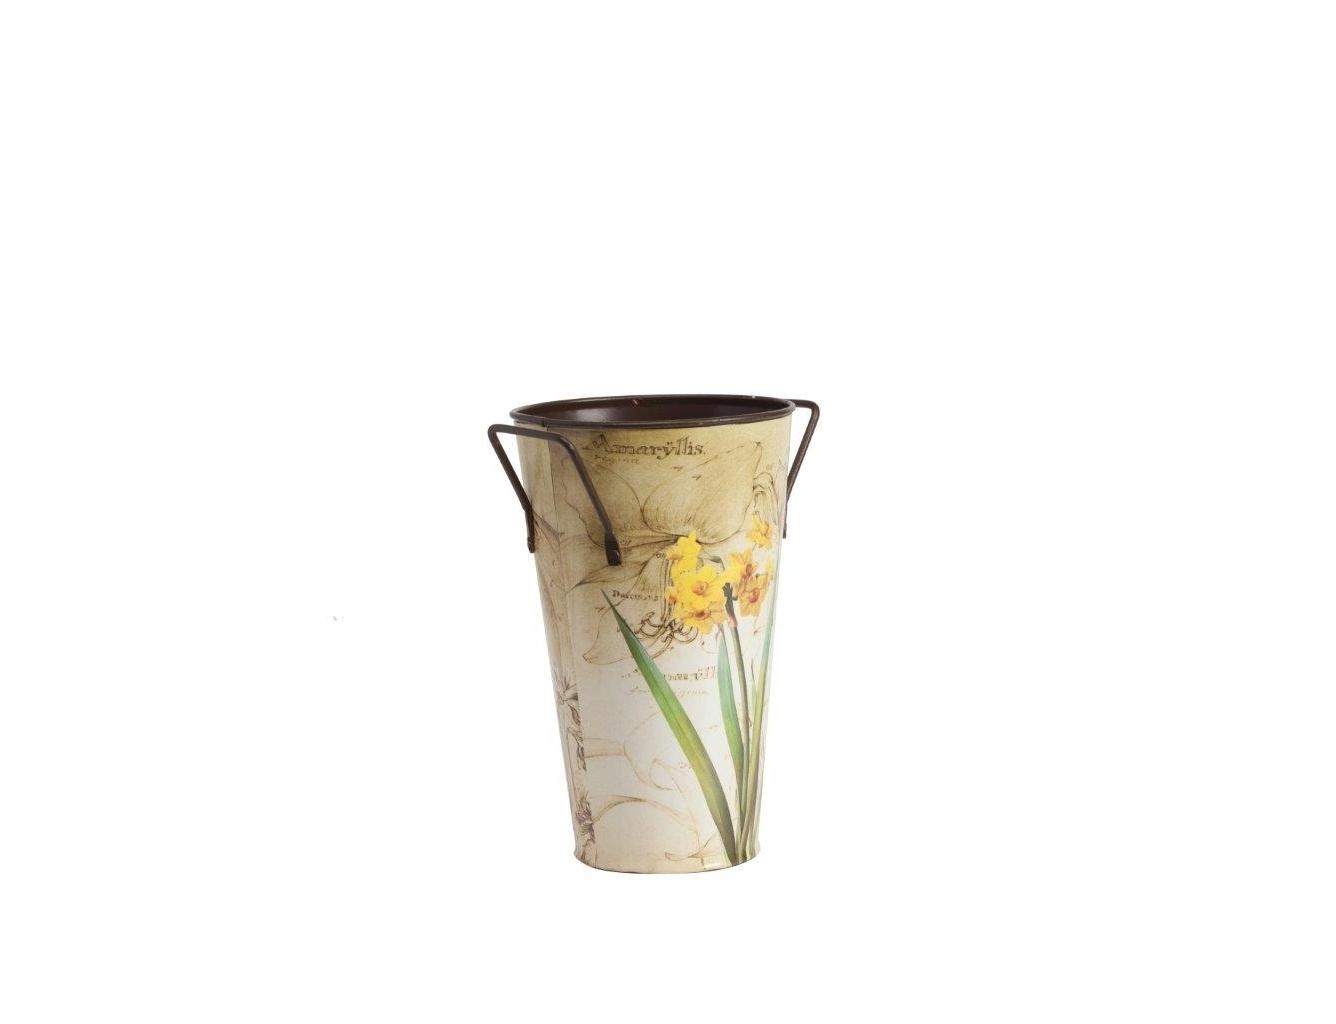 Декоративное кашпо Bronto PiccoloКашпо<br>Симпатичное декоративное кашпо Bronto Piccolo станет прекрасным украшением вашего домашнего сада, наполнит его яркими красками и роскошью. Изготовленное из металла и имеющее очаровательный рисунок в виде цветка на нежном бежевом фоне, такой аксессуар будет уместно смотреться как в современном, так и в классическом интерьере. Кашпо можно приобрести отдельно или с изделиями из той же коллекции.<br><br>Material: Металл<br>Height см: 24<br>Diameter см: 12